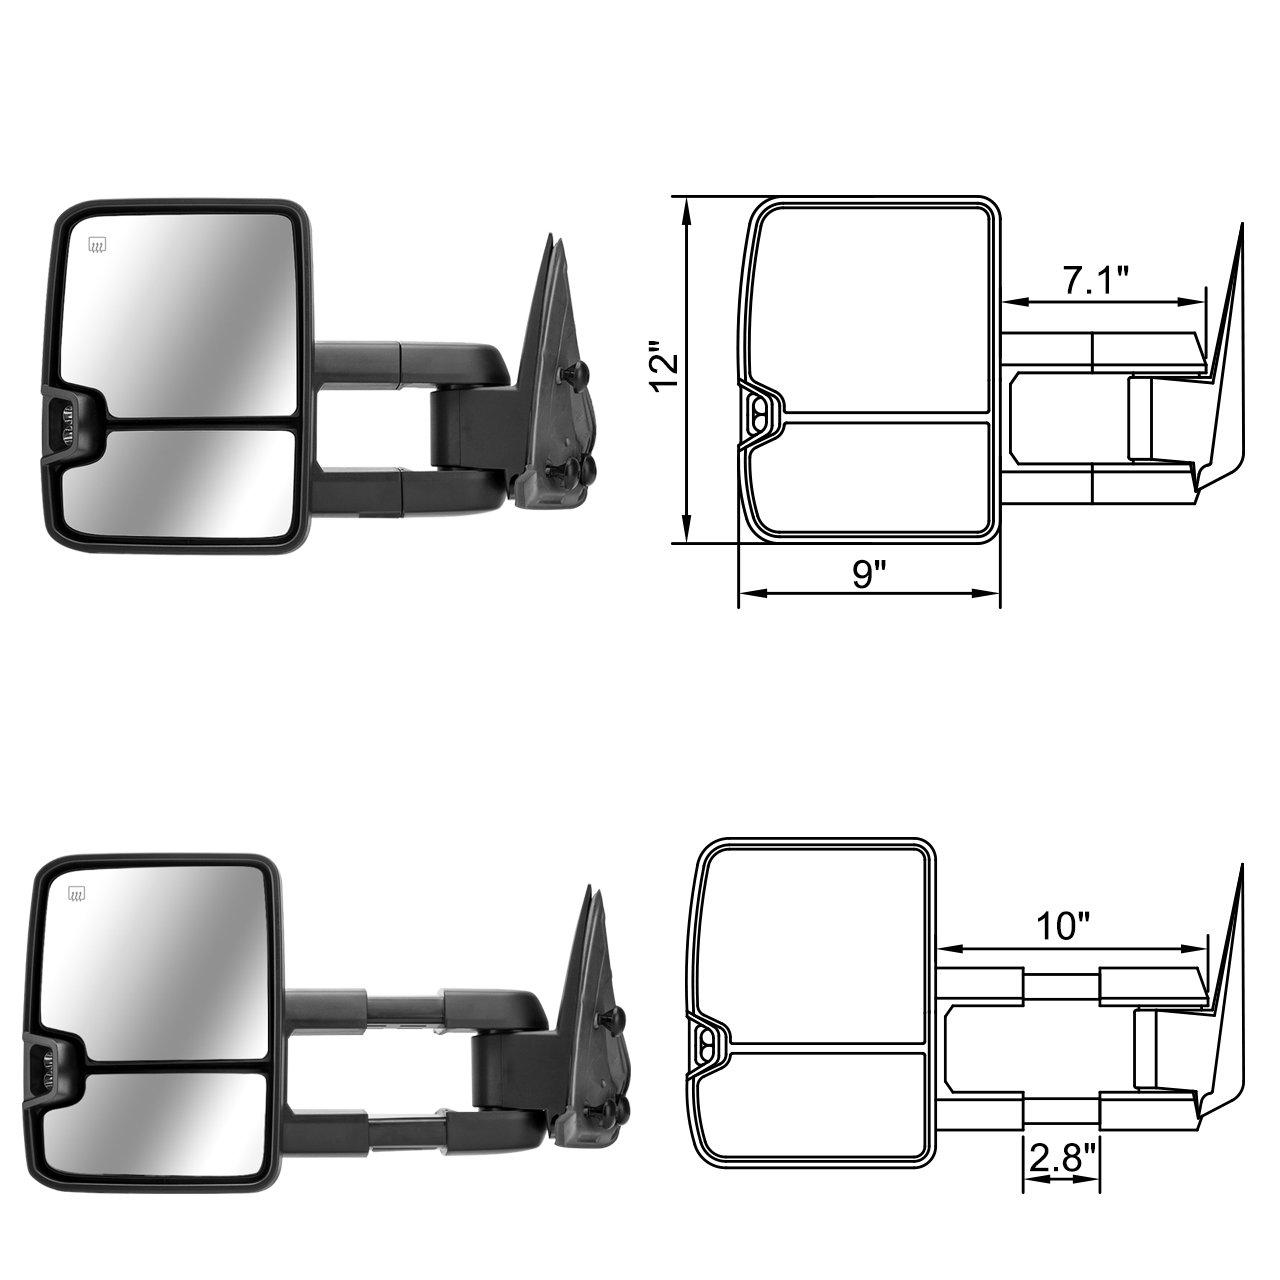 DEDC Tow Mirrors Fit for Chevy Silverado 1500 2500 3500 GMC Sierra 2003 2004 2005 2006 A Pair